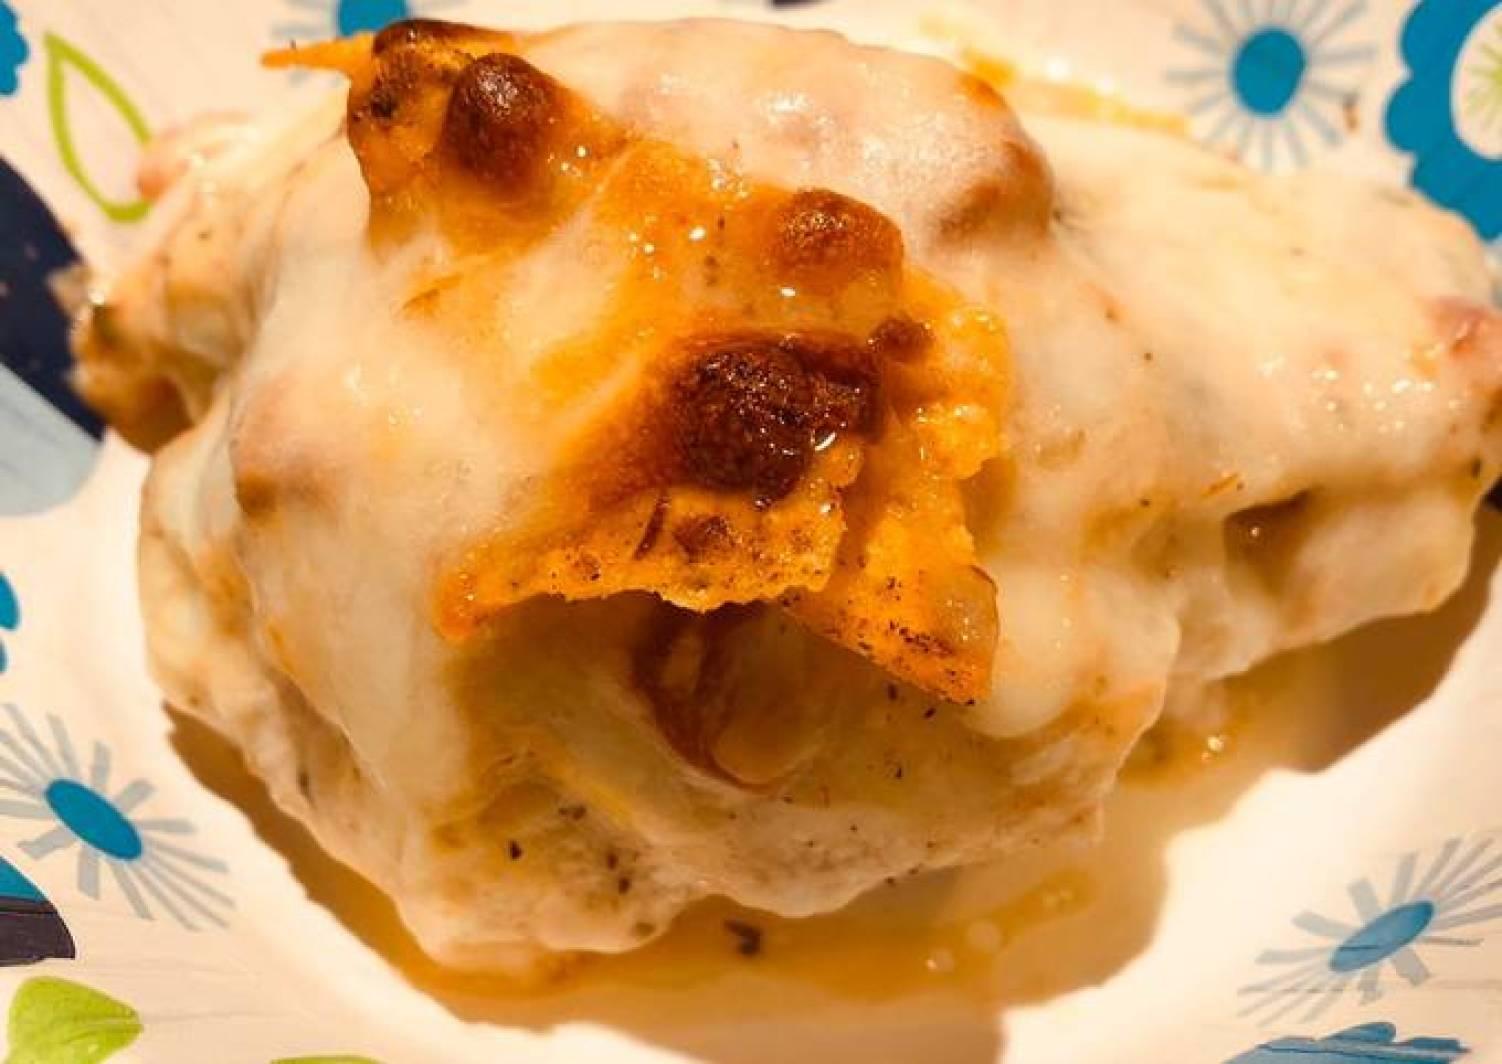 Cool Ranch Doritos Baked Chicken 🐔